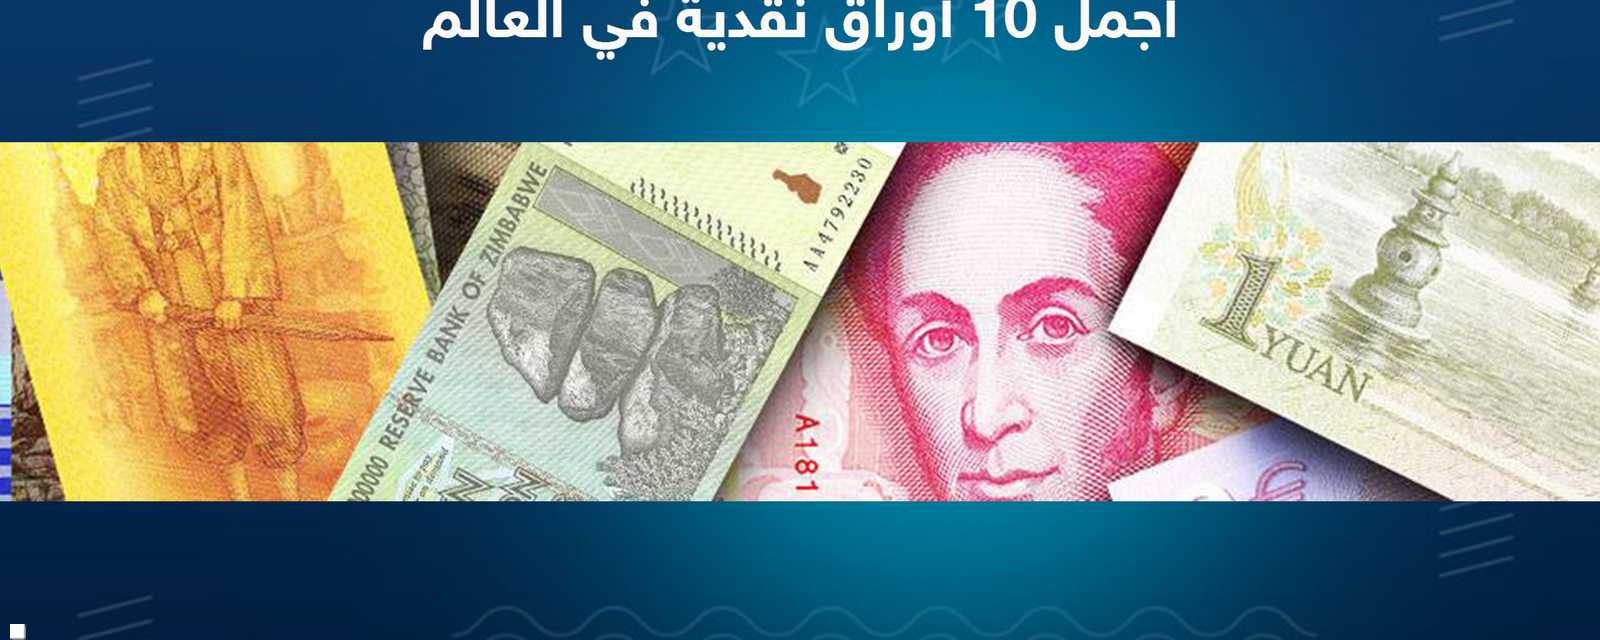 أجمل الأوراق النقدية في العالم